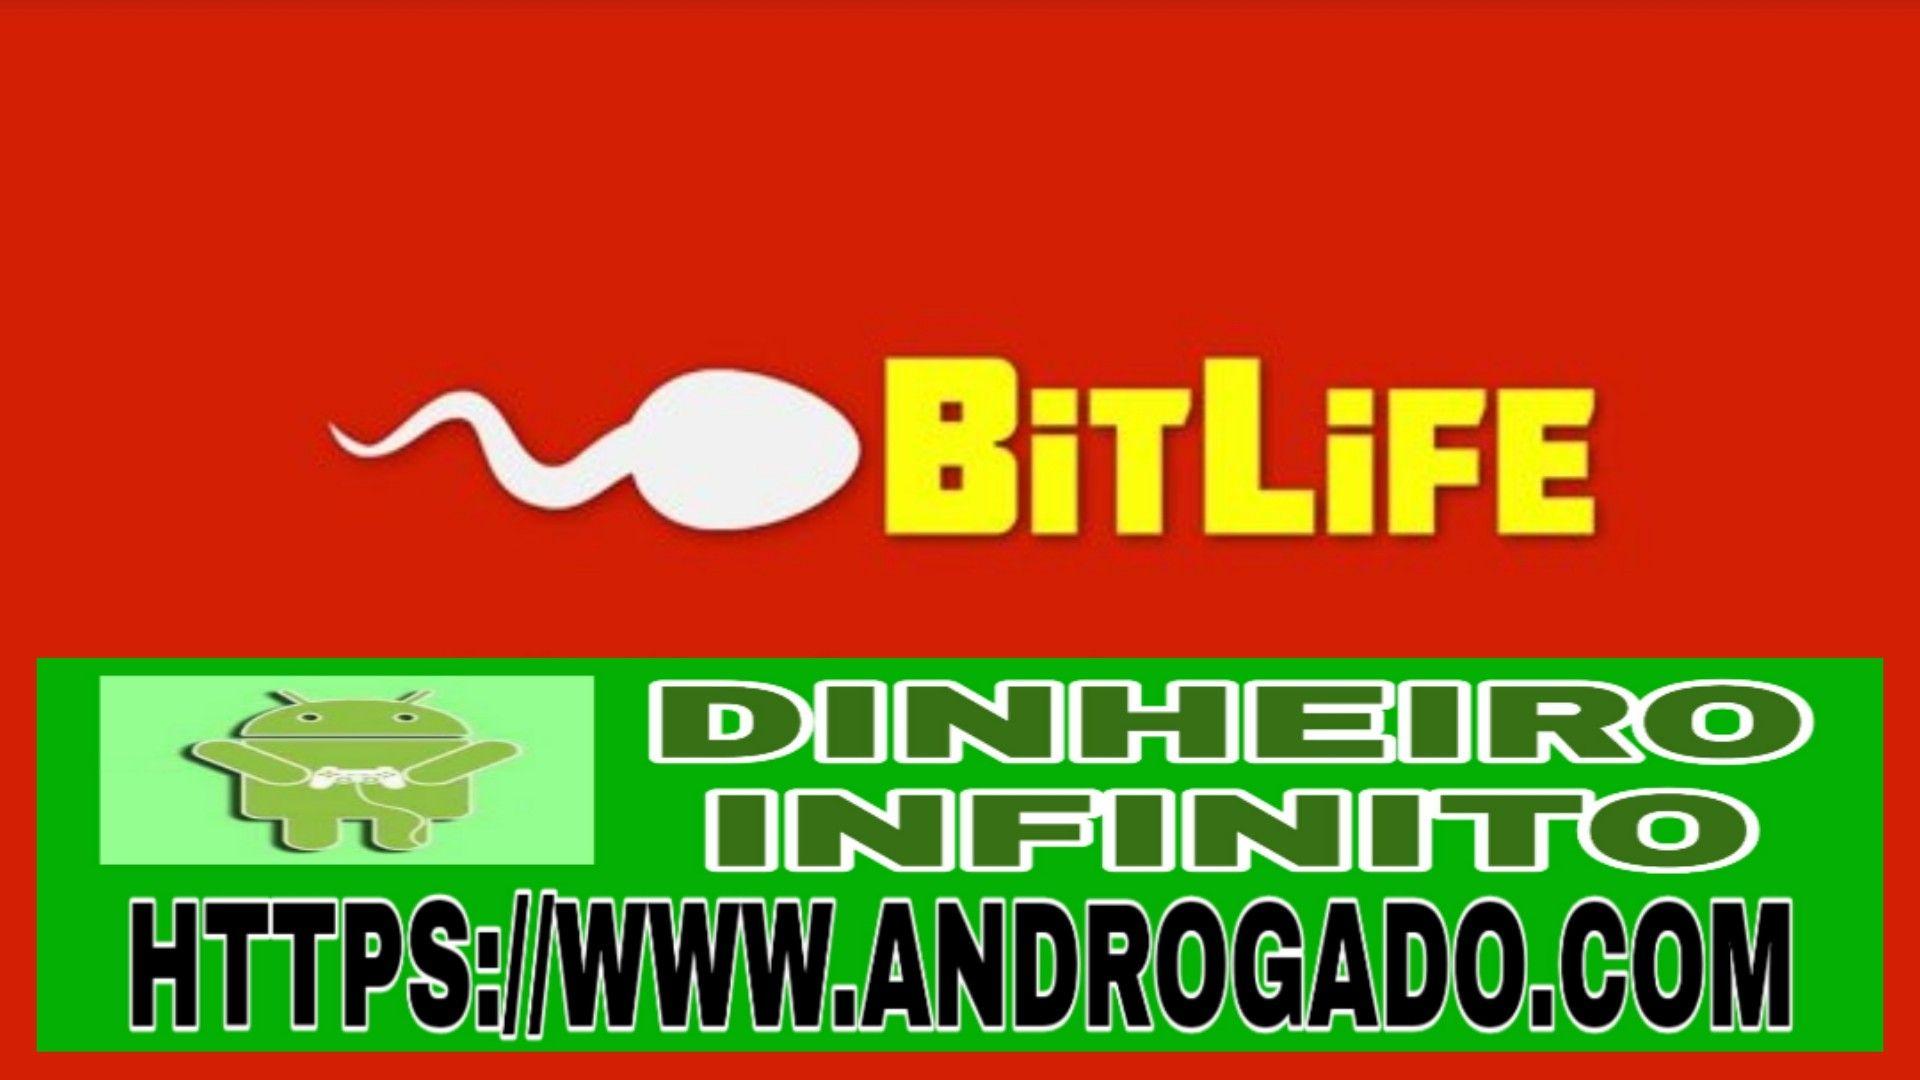 BitLife: Life Simulator v1.27.1 Apk Mod – Desbloqueado